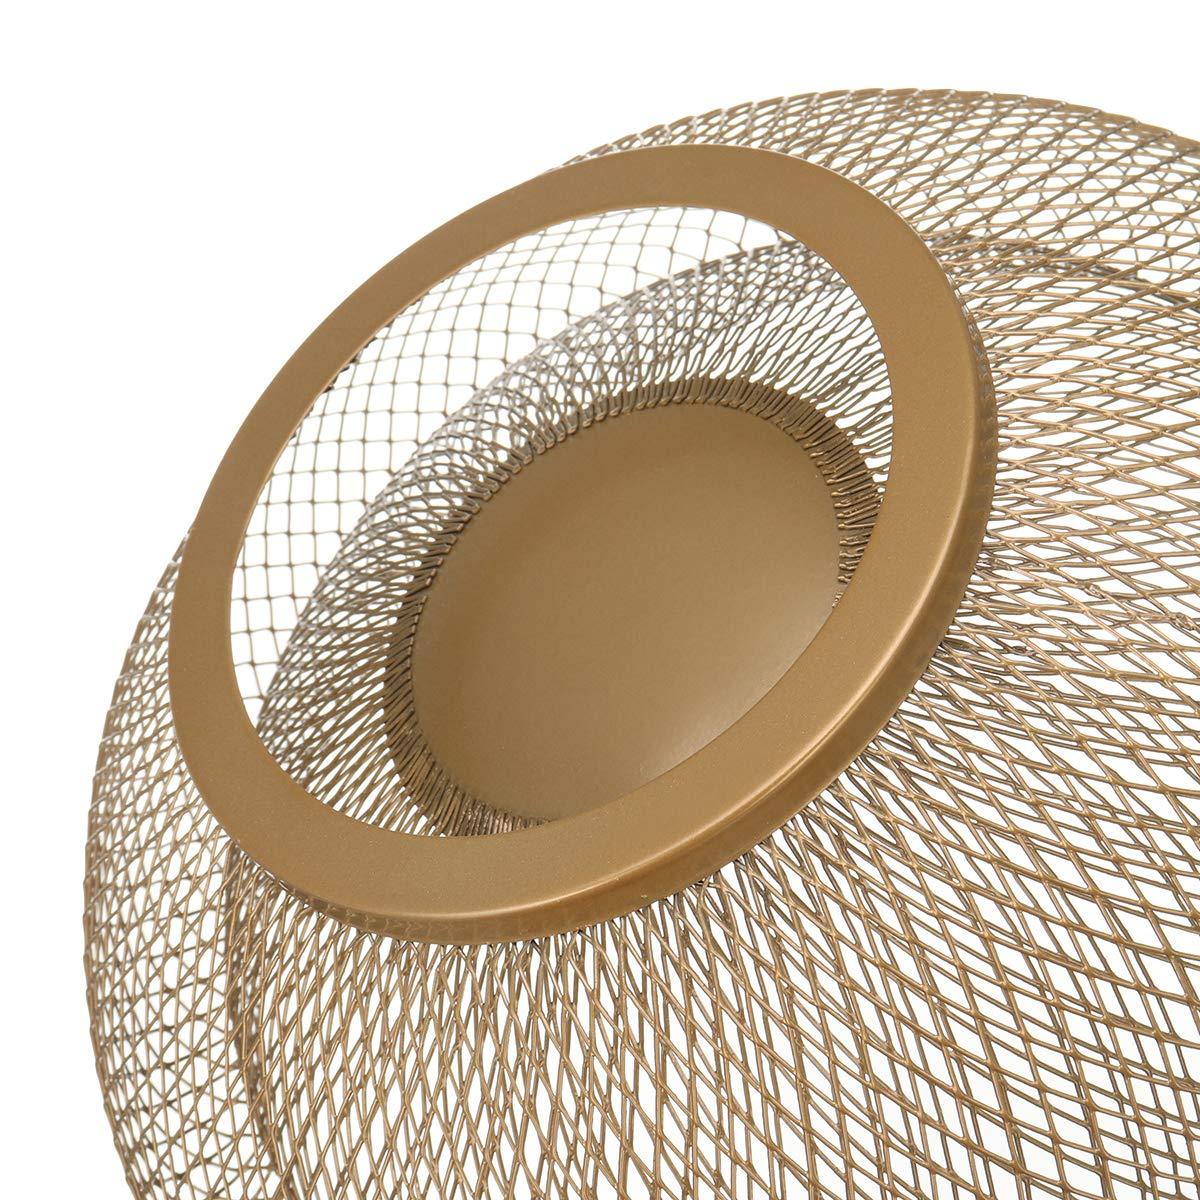 Obstkorb doppelschichtig Eisen Aufbewahrung 250 x 130 x 100 mm gold getrocknet f/ür Wohnzimmer Obstkorb Aufbewahrungsschale